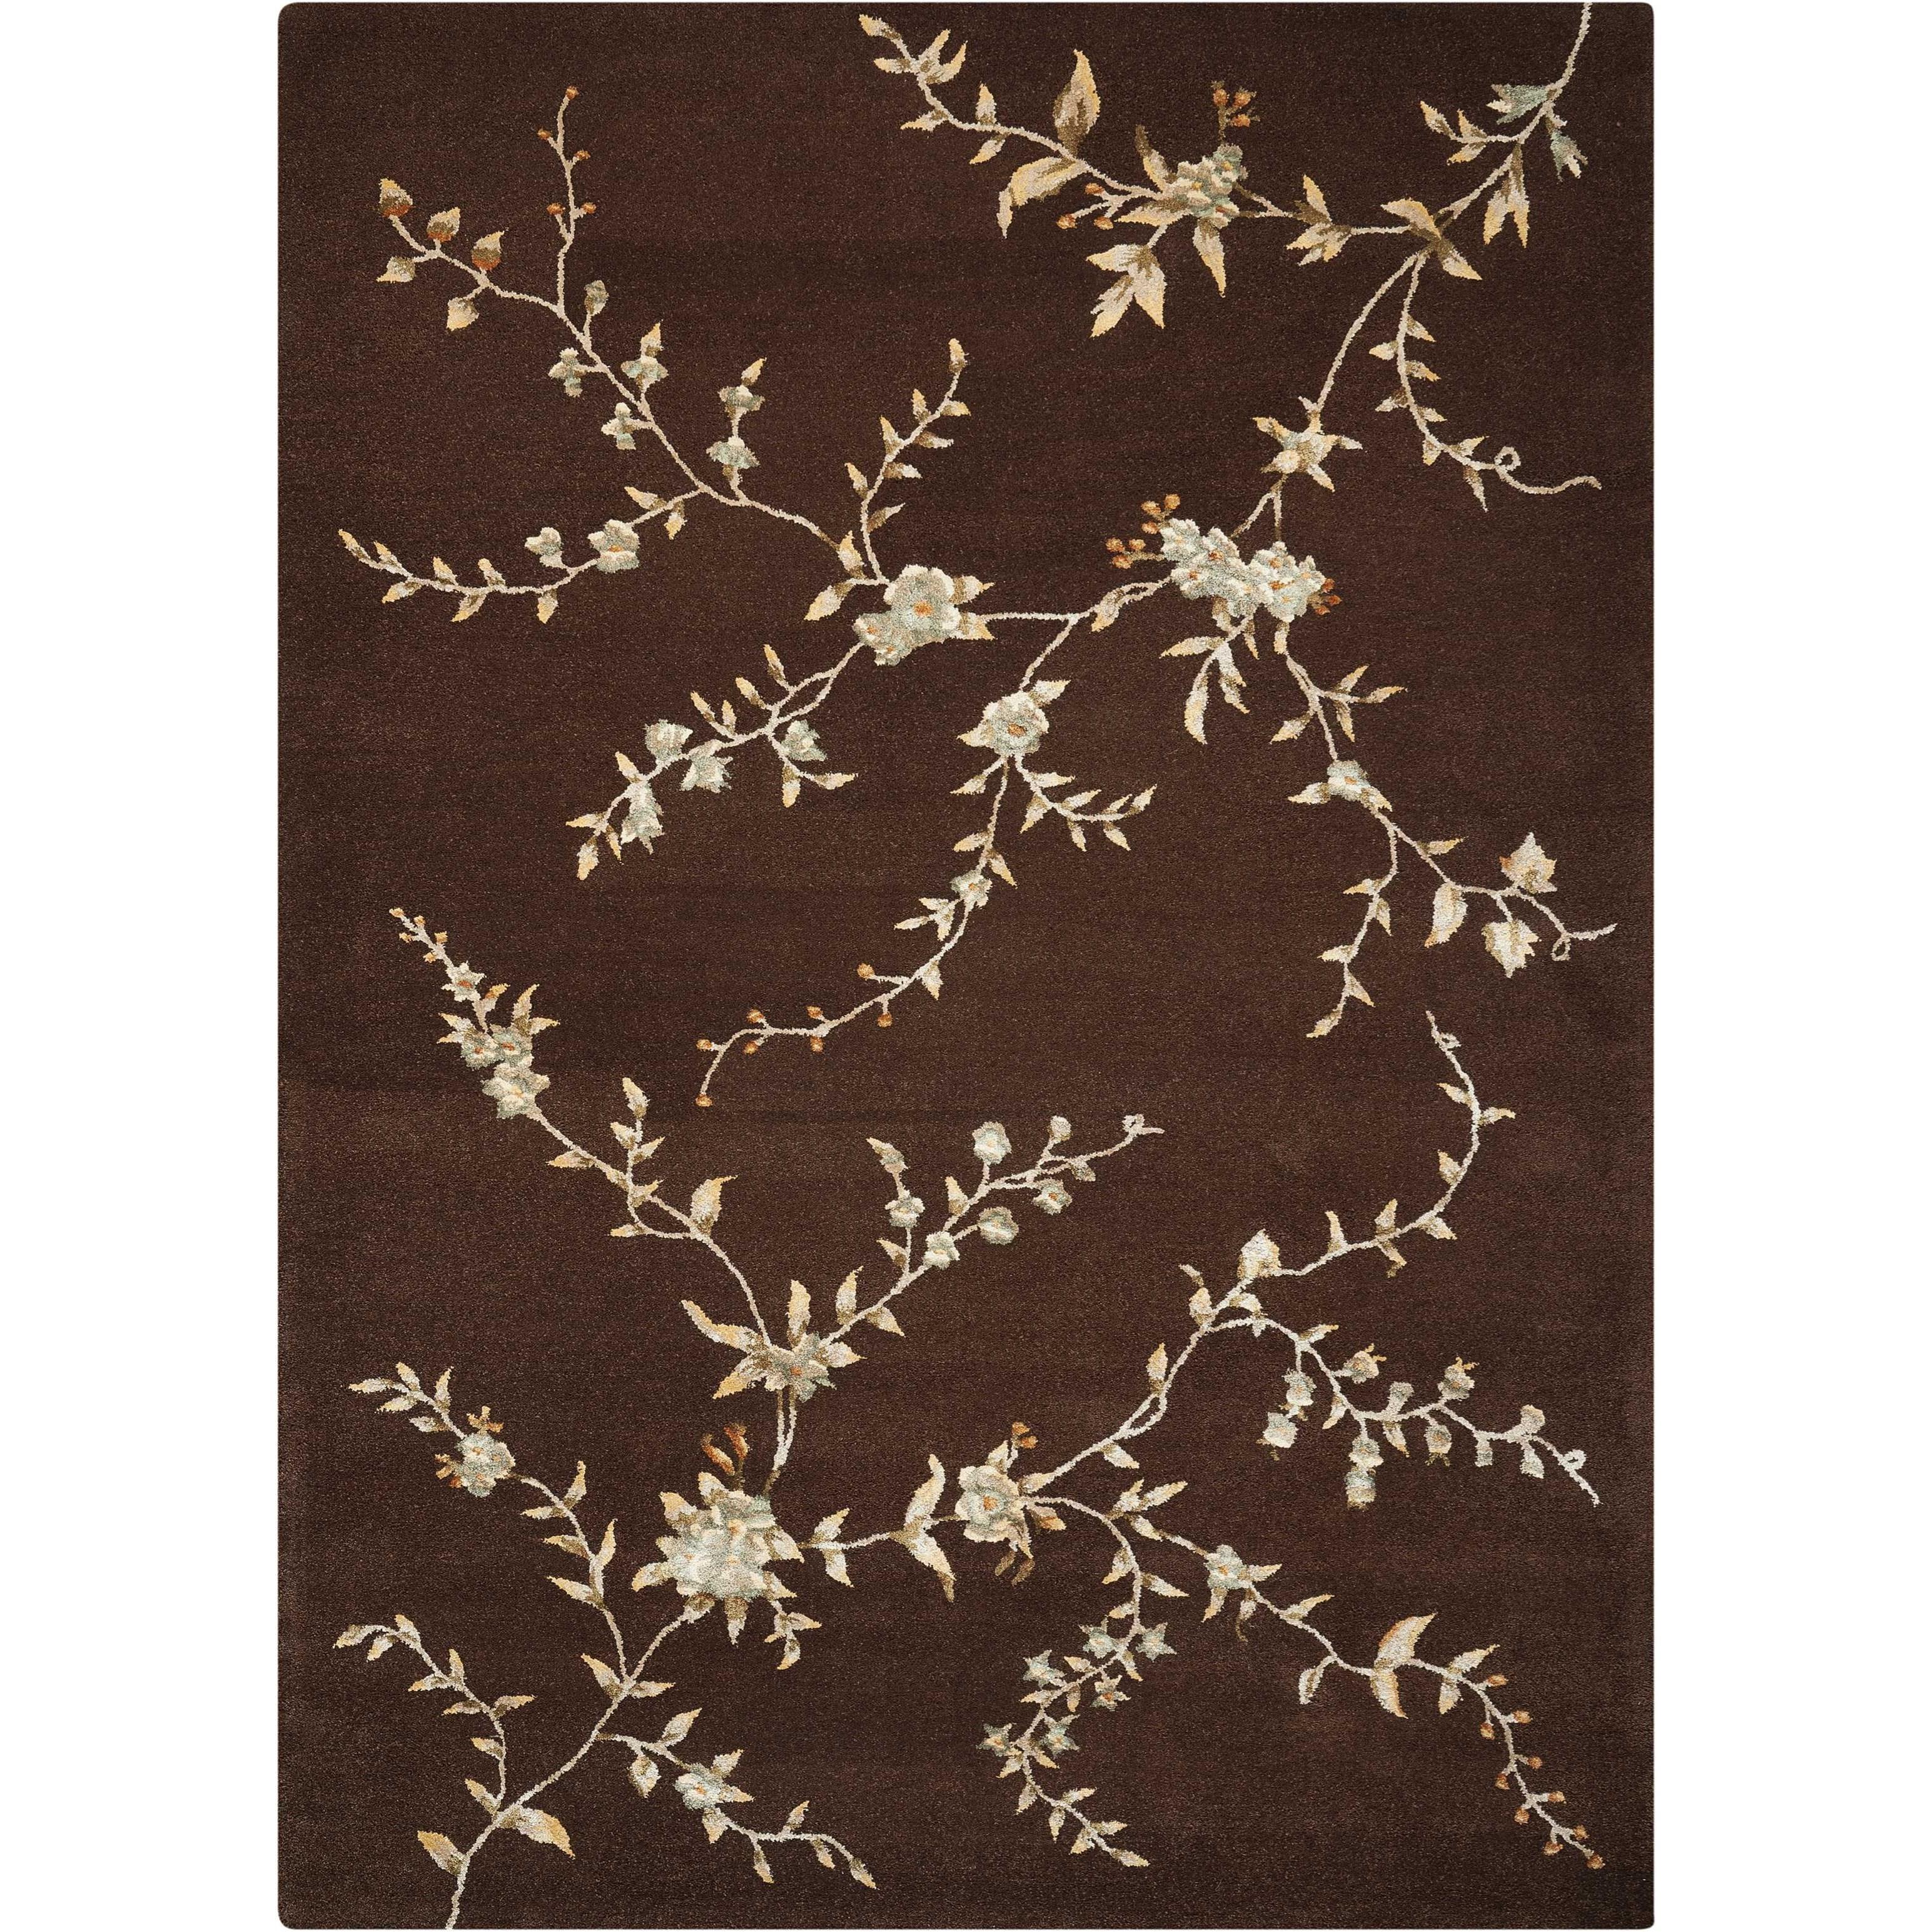 """Nourison Modern Elegance 5'6"""" x 7'5"""" Brown Rectangle Rug - Item Number: LH06 BRN 56X75"""